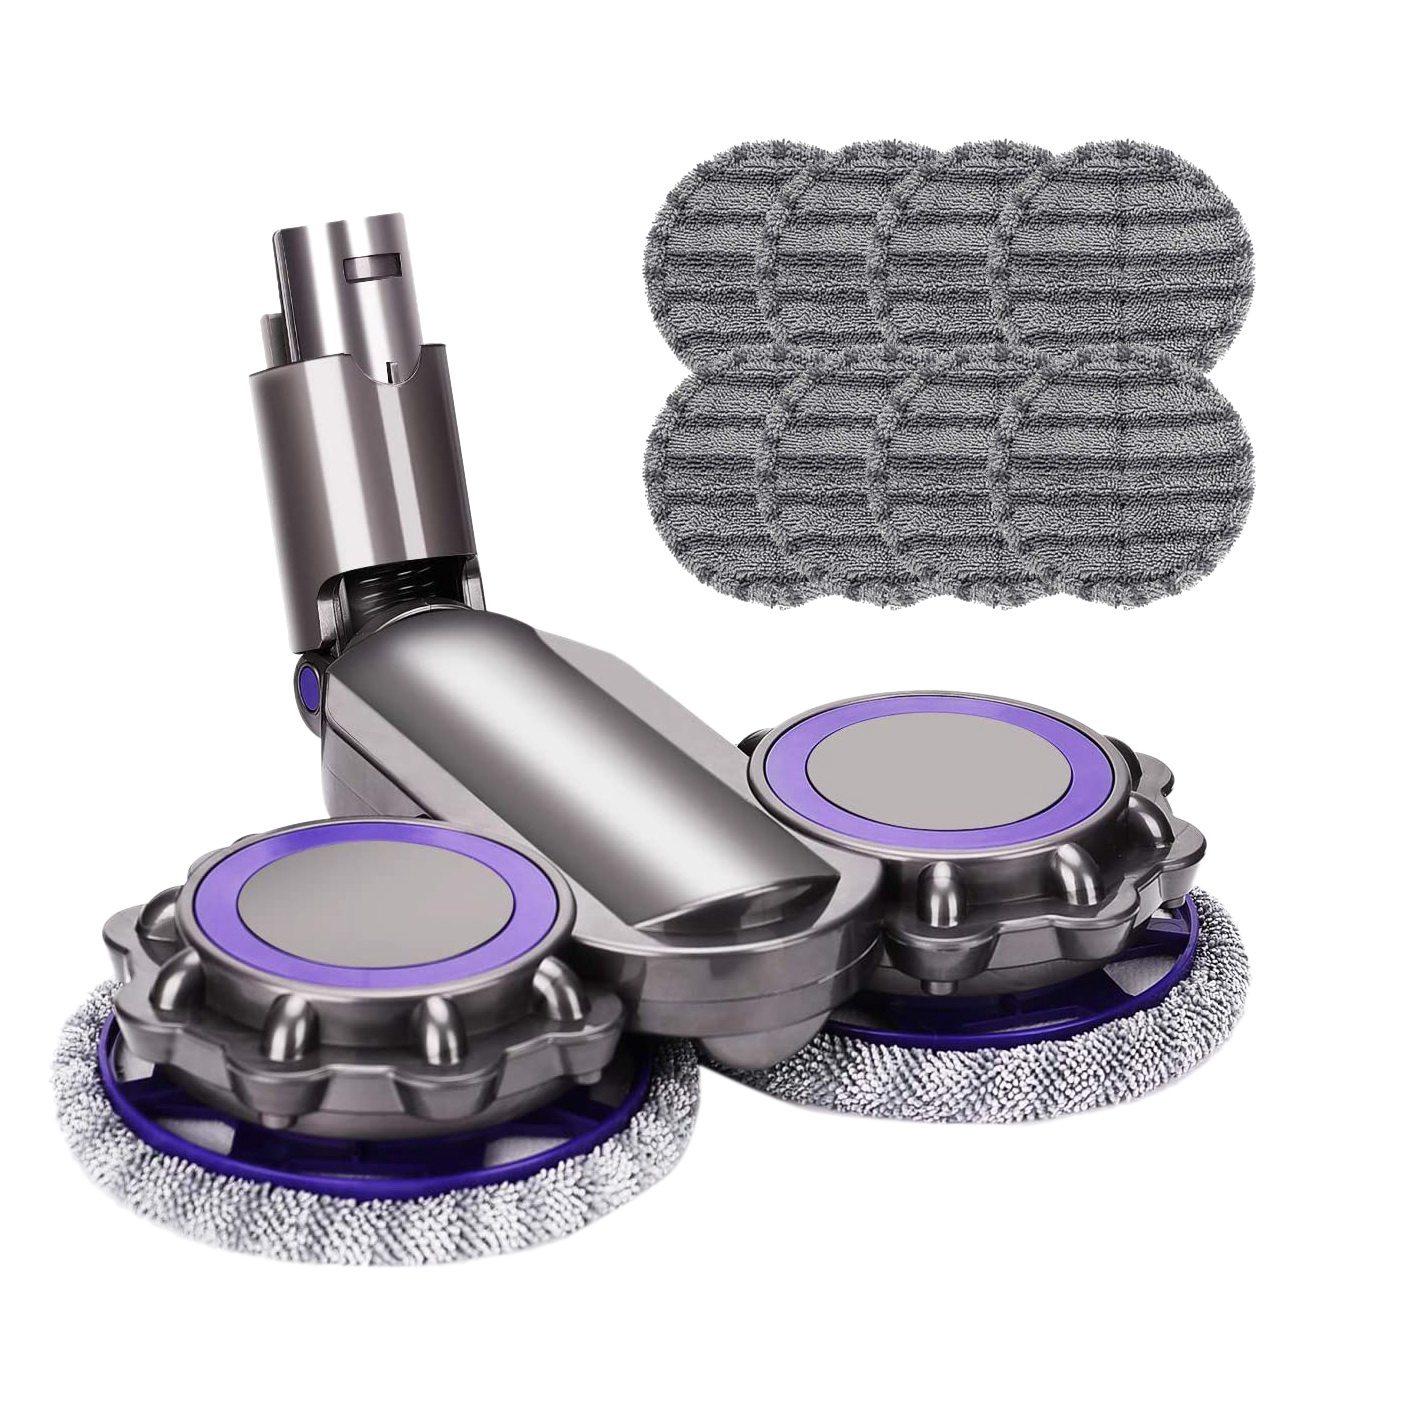 رأس ممسحة خزان المياه القماش ل Dyson V6 V7 V8 V10 V11 استبدال أجزاء مكنسة كهربائية الملحقات الجاف/الرطب الصبح 11 قطعة